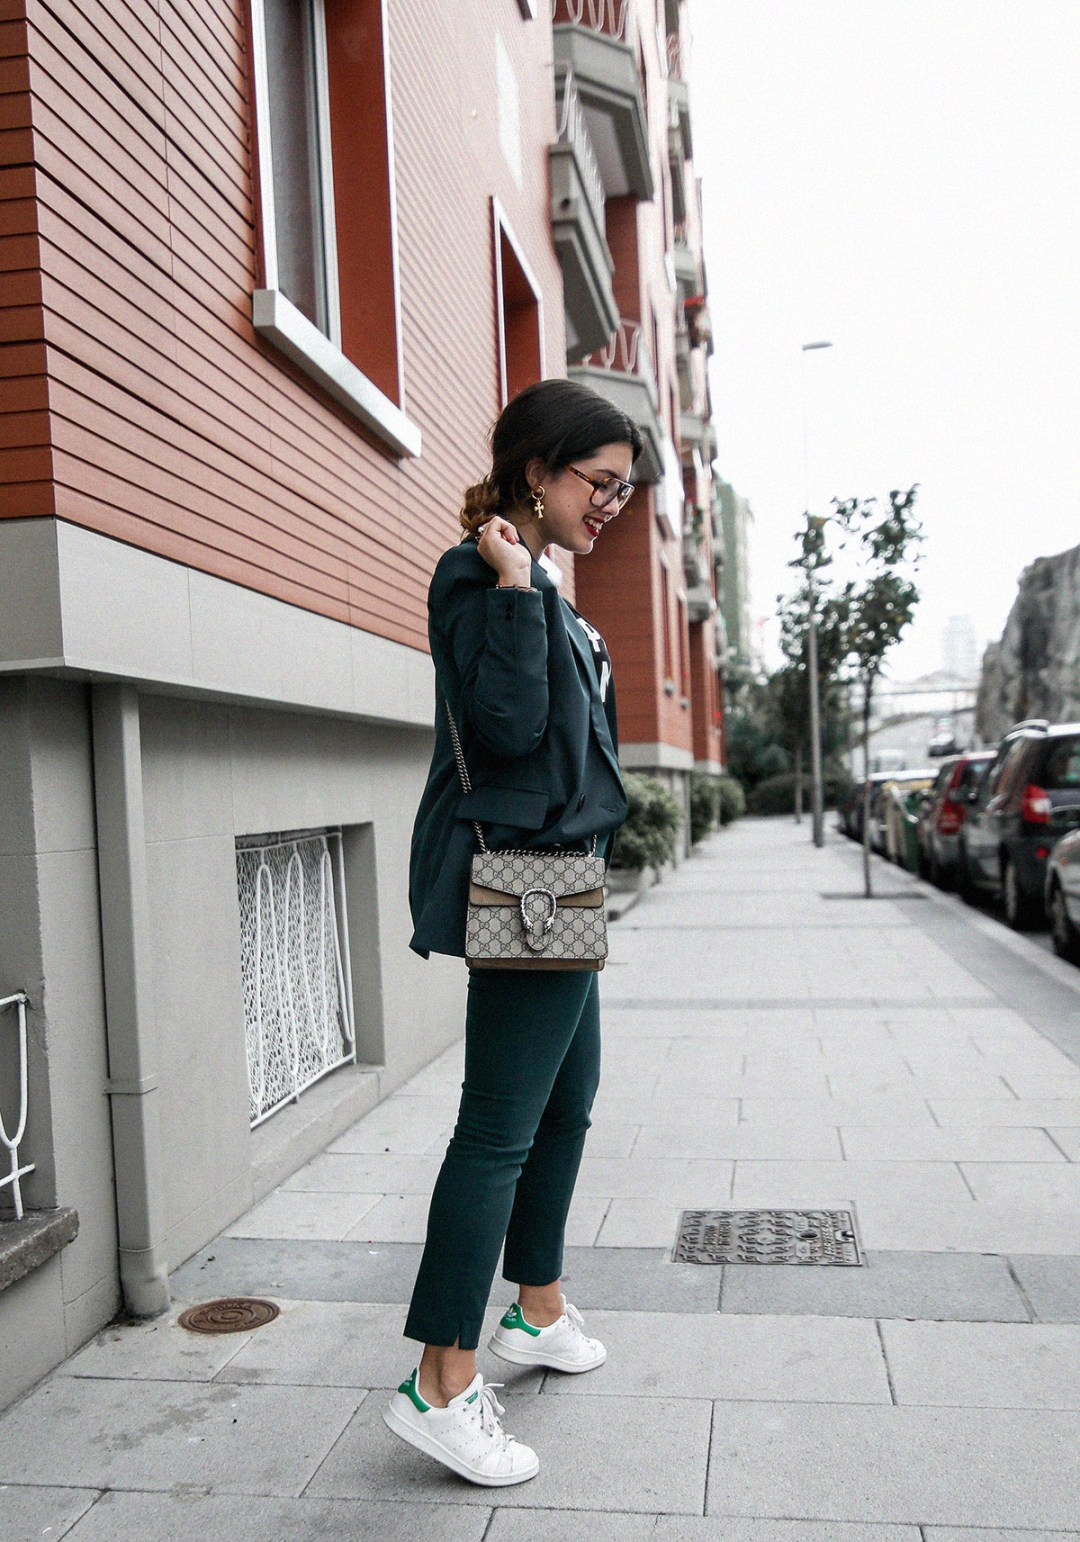 como-combinar-traje-verde-deportivas-stan-smith-adidas5